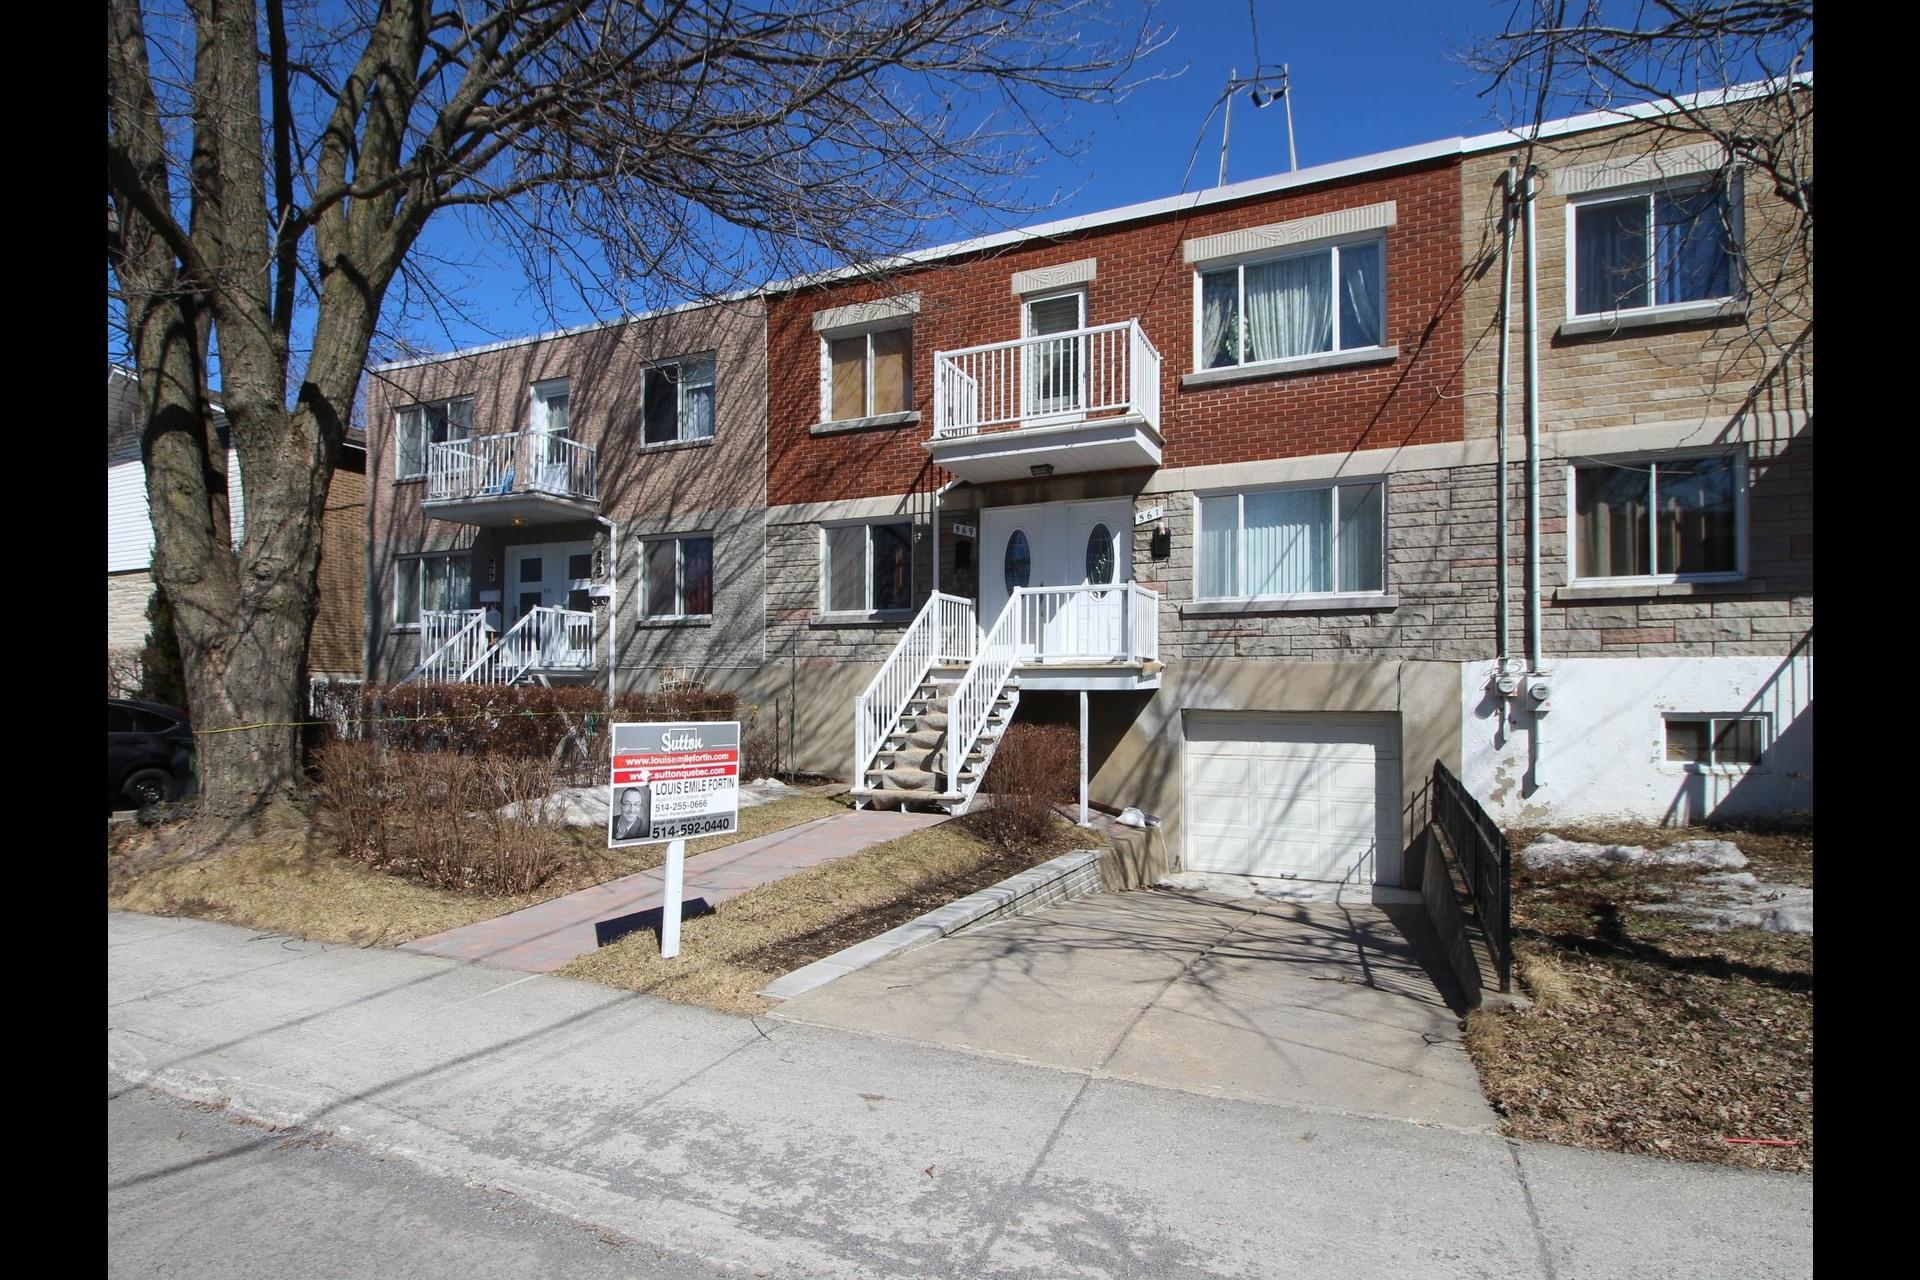 image 21 - Duplex For sale Montréal Rivière-des-Prairies/Pointe-aux-Trembles  - 6 rooms